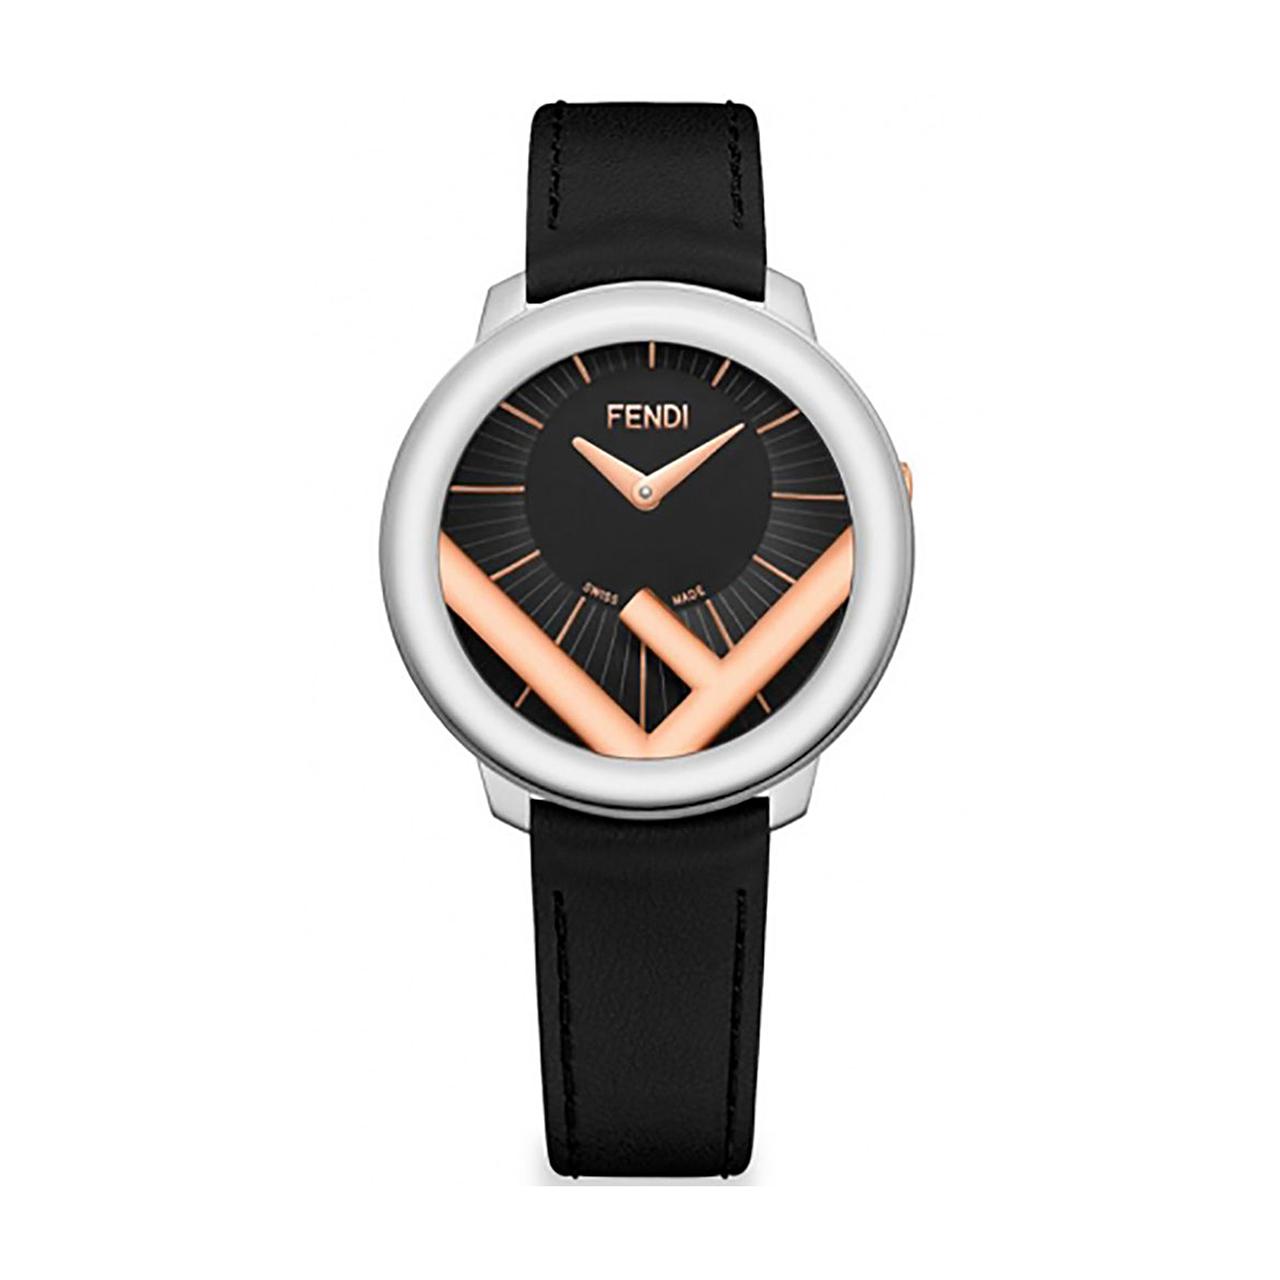 ساعت مچی عقربه ای زنانه فندی مدل F710231011